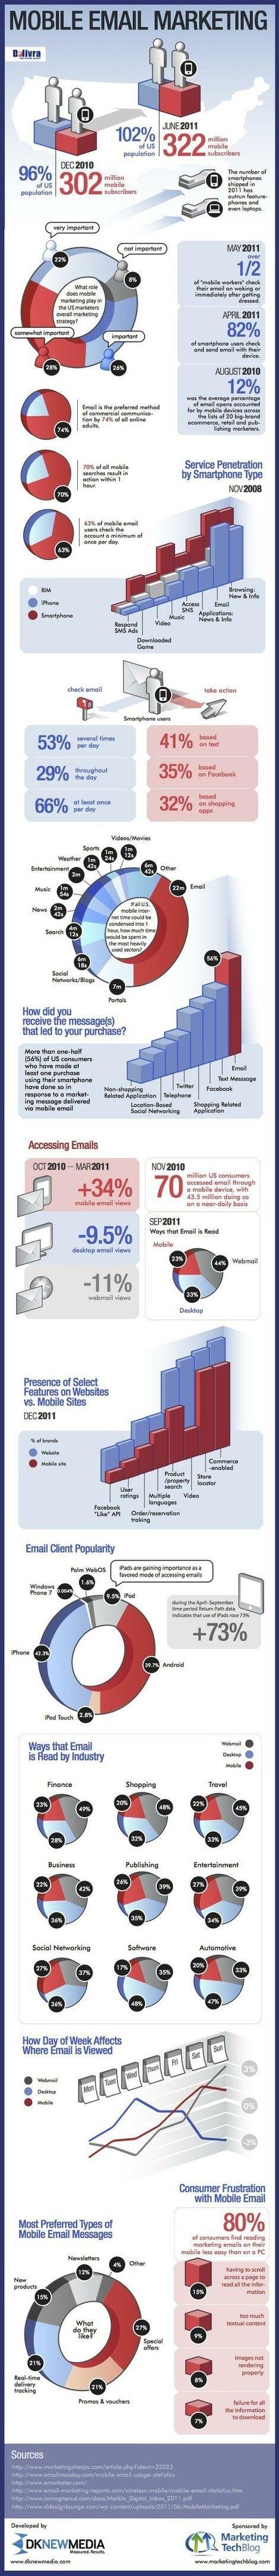 Mobile Email Marketing Infographic  via John Van den Brink